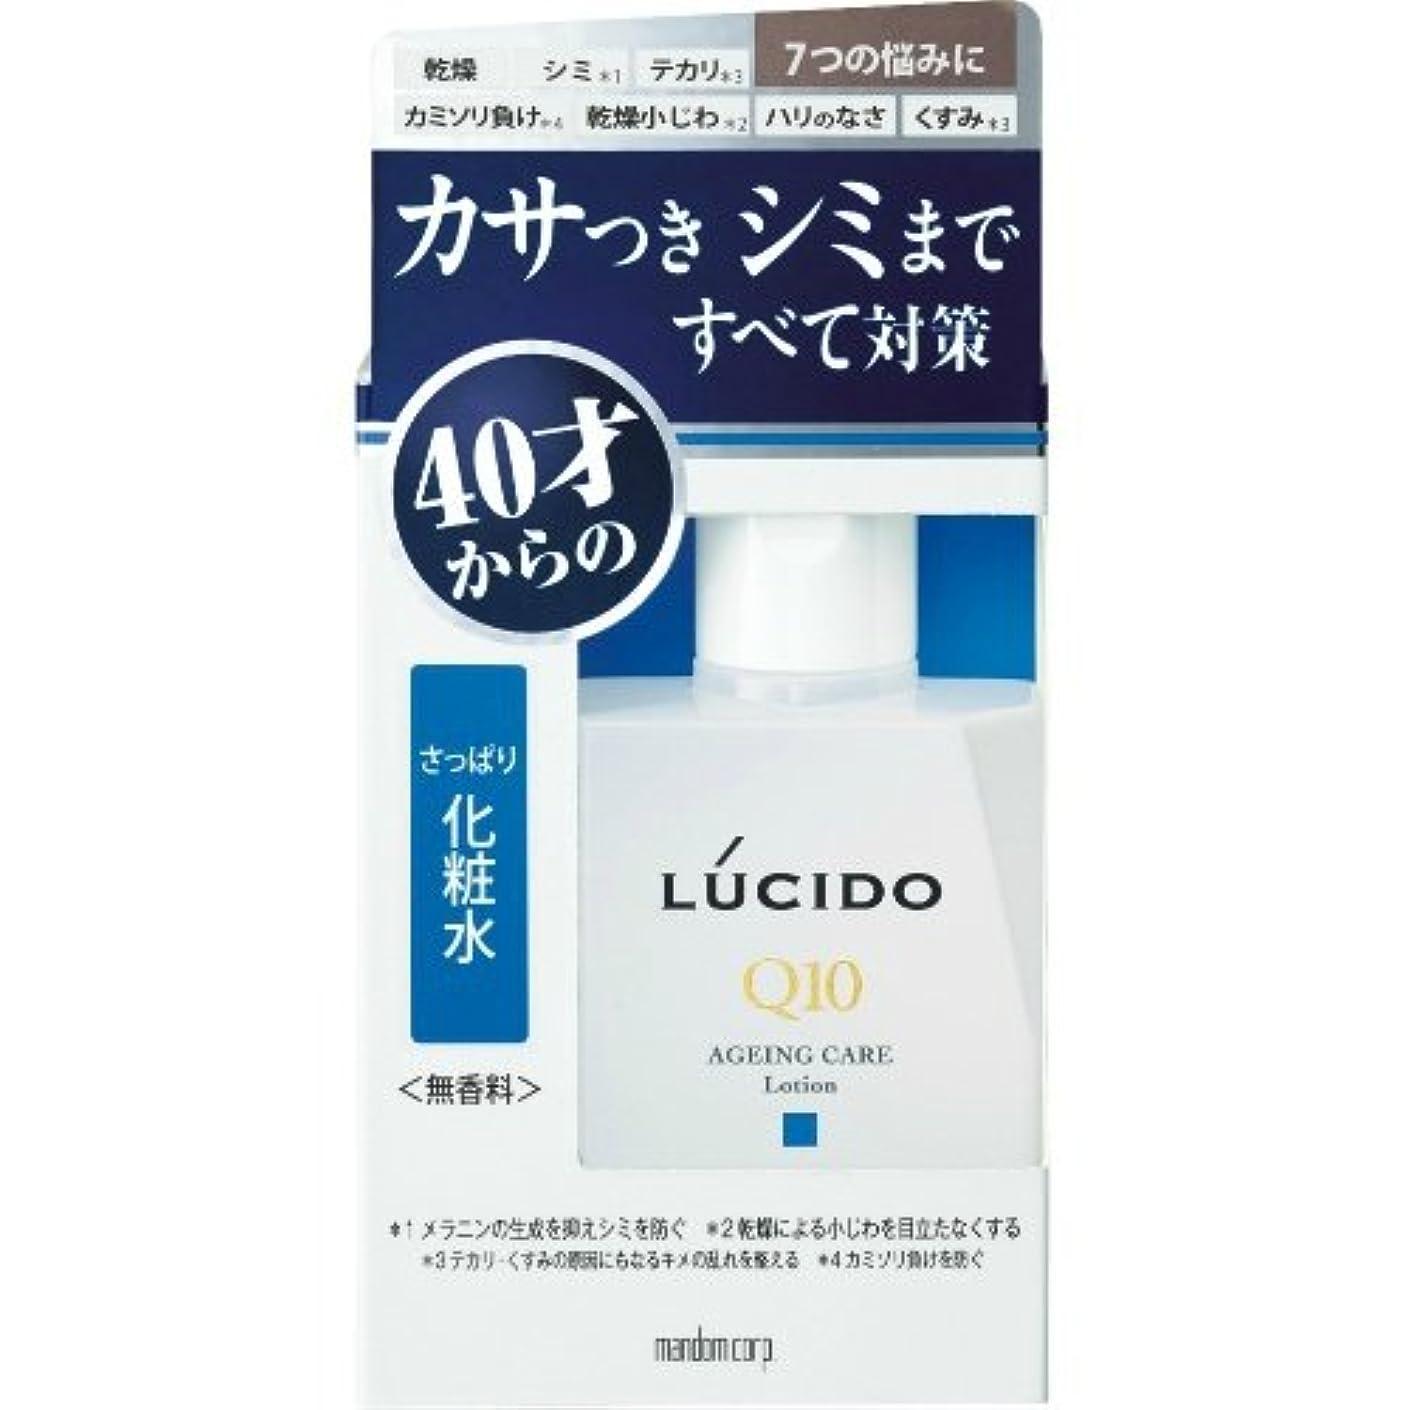 ヒョウピストンパネルMANDOM マンダム ルシード 薬用トータルケア さっぱり化粧水 無香料 110ml ×10点セット(4902806107296)